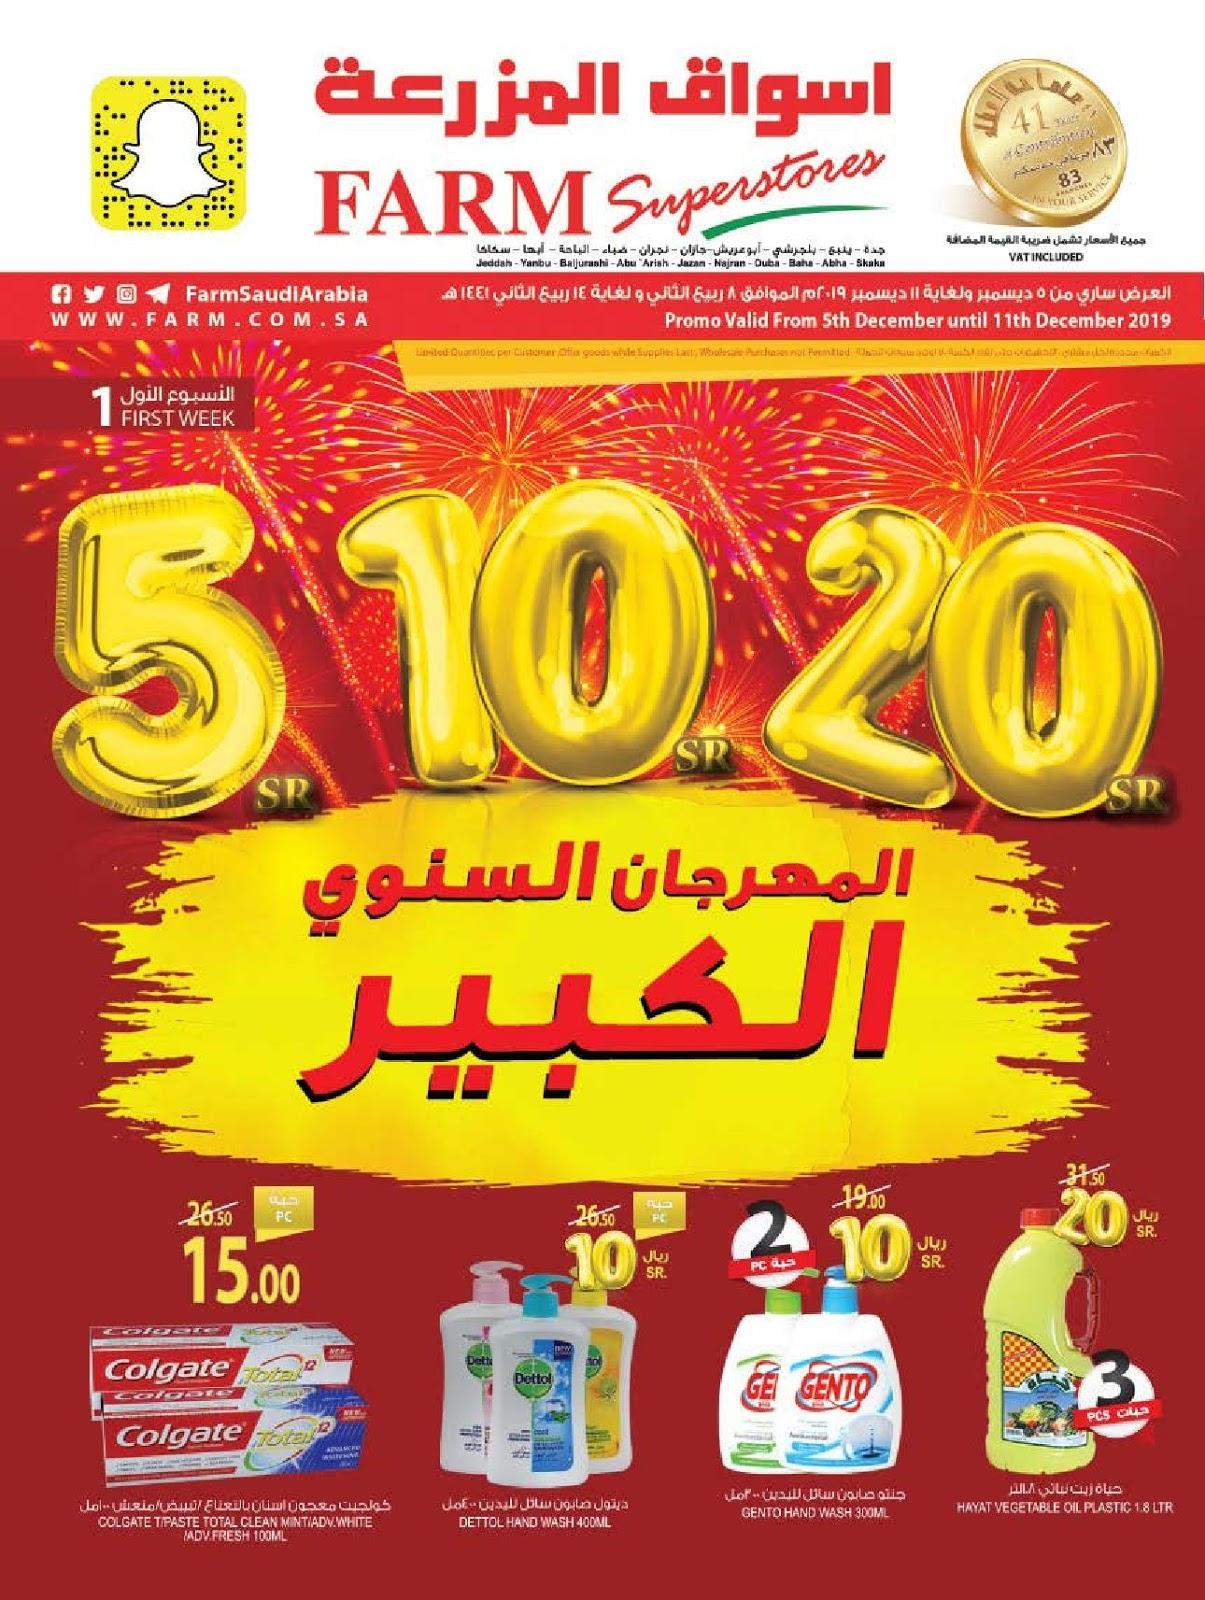 عروض اسواق المزرعة جدة و المنطقة الجنوبية الاسبوعية السعودية من 5 ديسمبر حتى 11 ديسمبر 2019 المهرجان السنوى الكبير